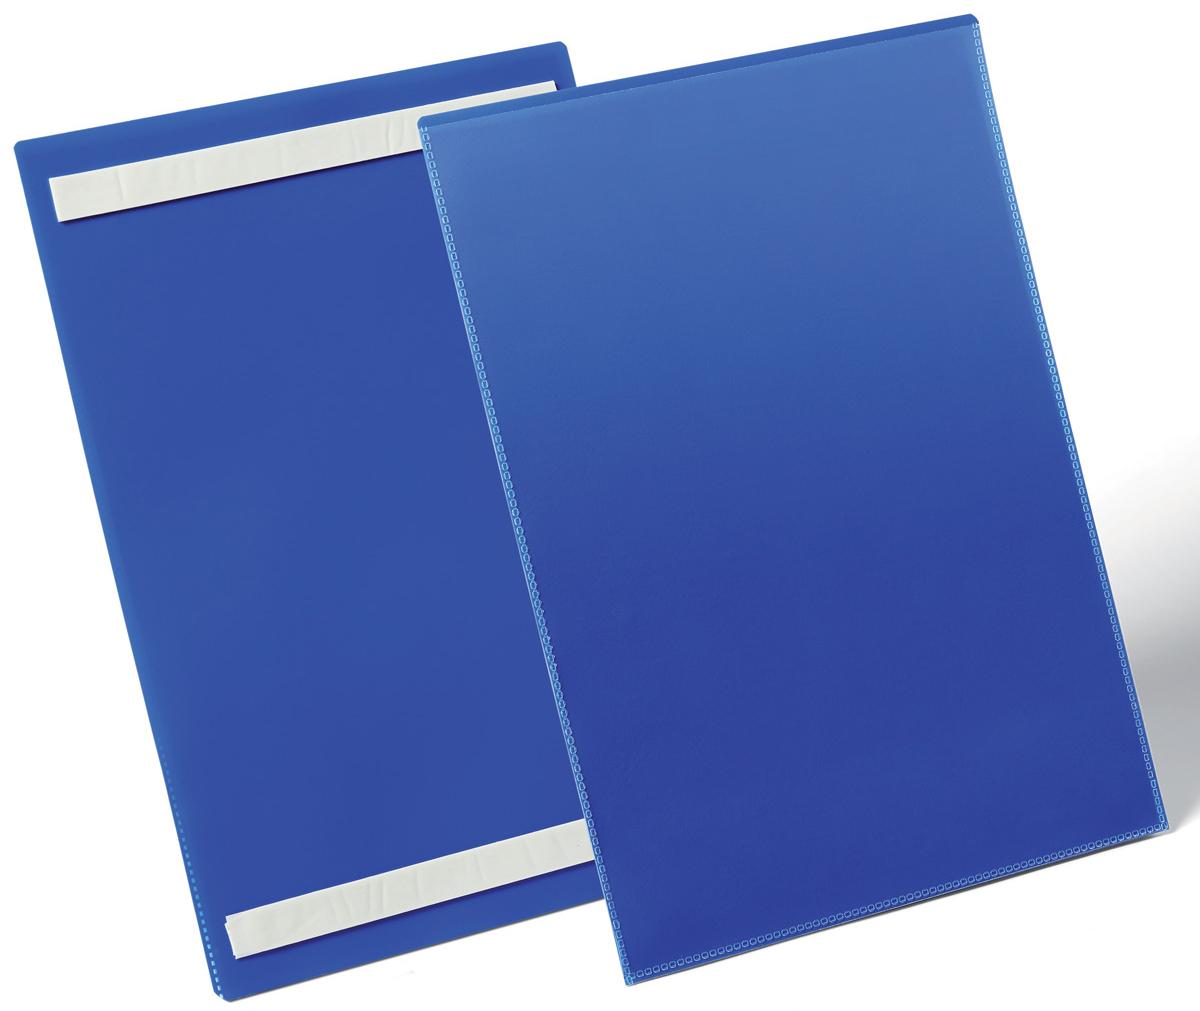 Durable Карман cамоклеящийся для маркировки цвет синий 1797-071797-07Самоклеящийся карман с двумя клейкими полосами на тыльной стороне. Выполнен из плотного износостойкого полипропилена. Прозрачное окно на лицевой стороне не бликует, что позволяет сканировать документ, не извлекая его из кармана.Рекомендован для маркировки паллет, стеллажей, контейнеров и т.д.Готовые шаблоны вкладыша в бесплатной программе www.duraprint.eu.Размер вкладыша: A4 вертикальный (210 x 297 мм)Размеры кармана: 233 x 313 x 1,7 мм